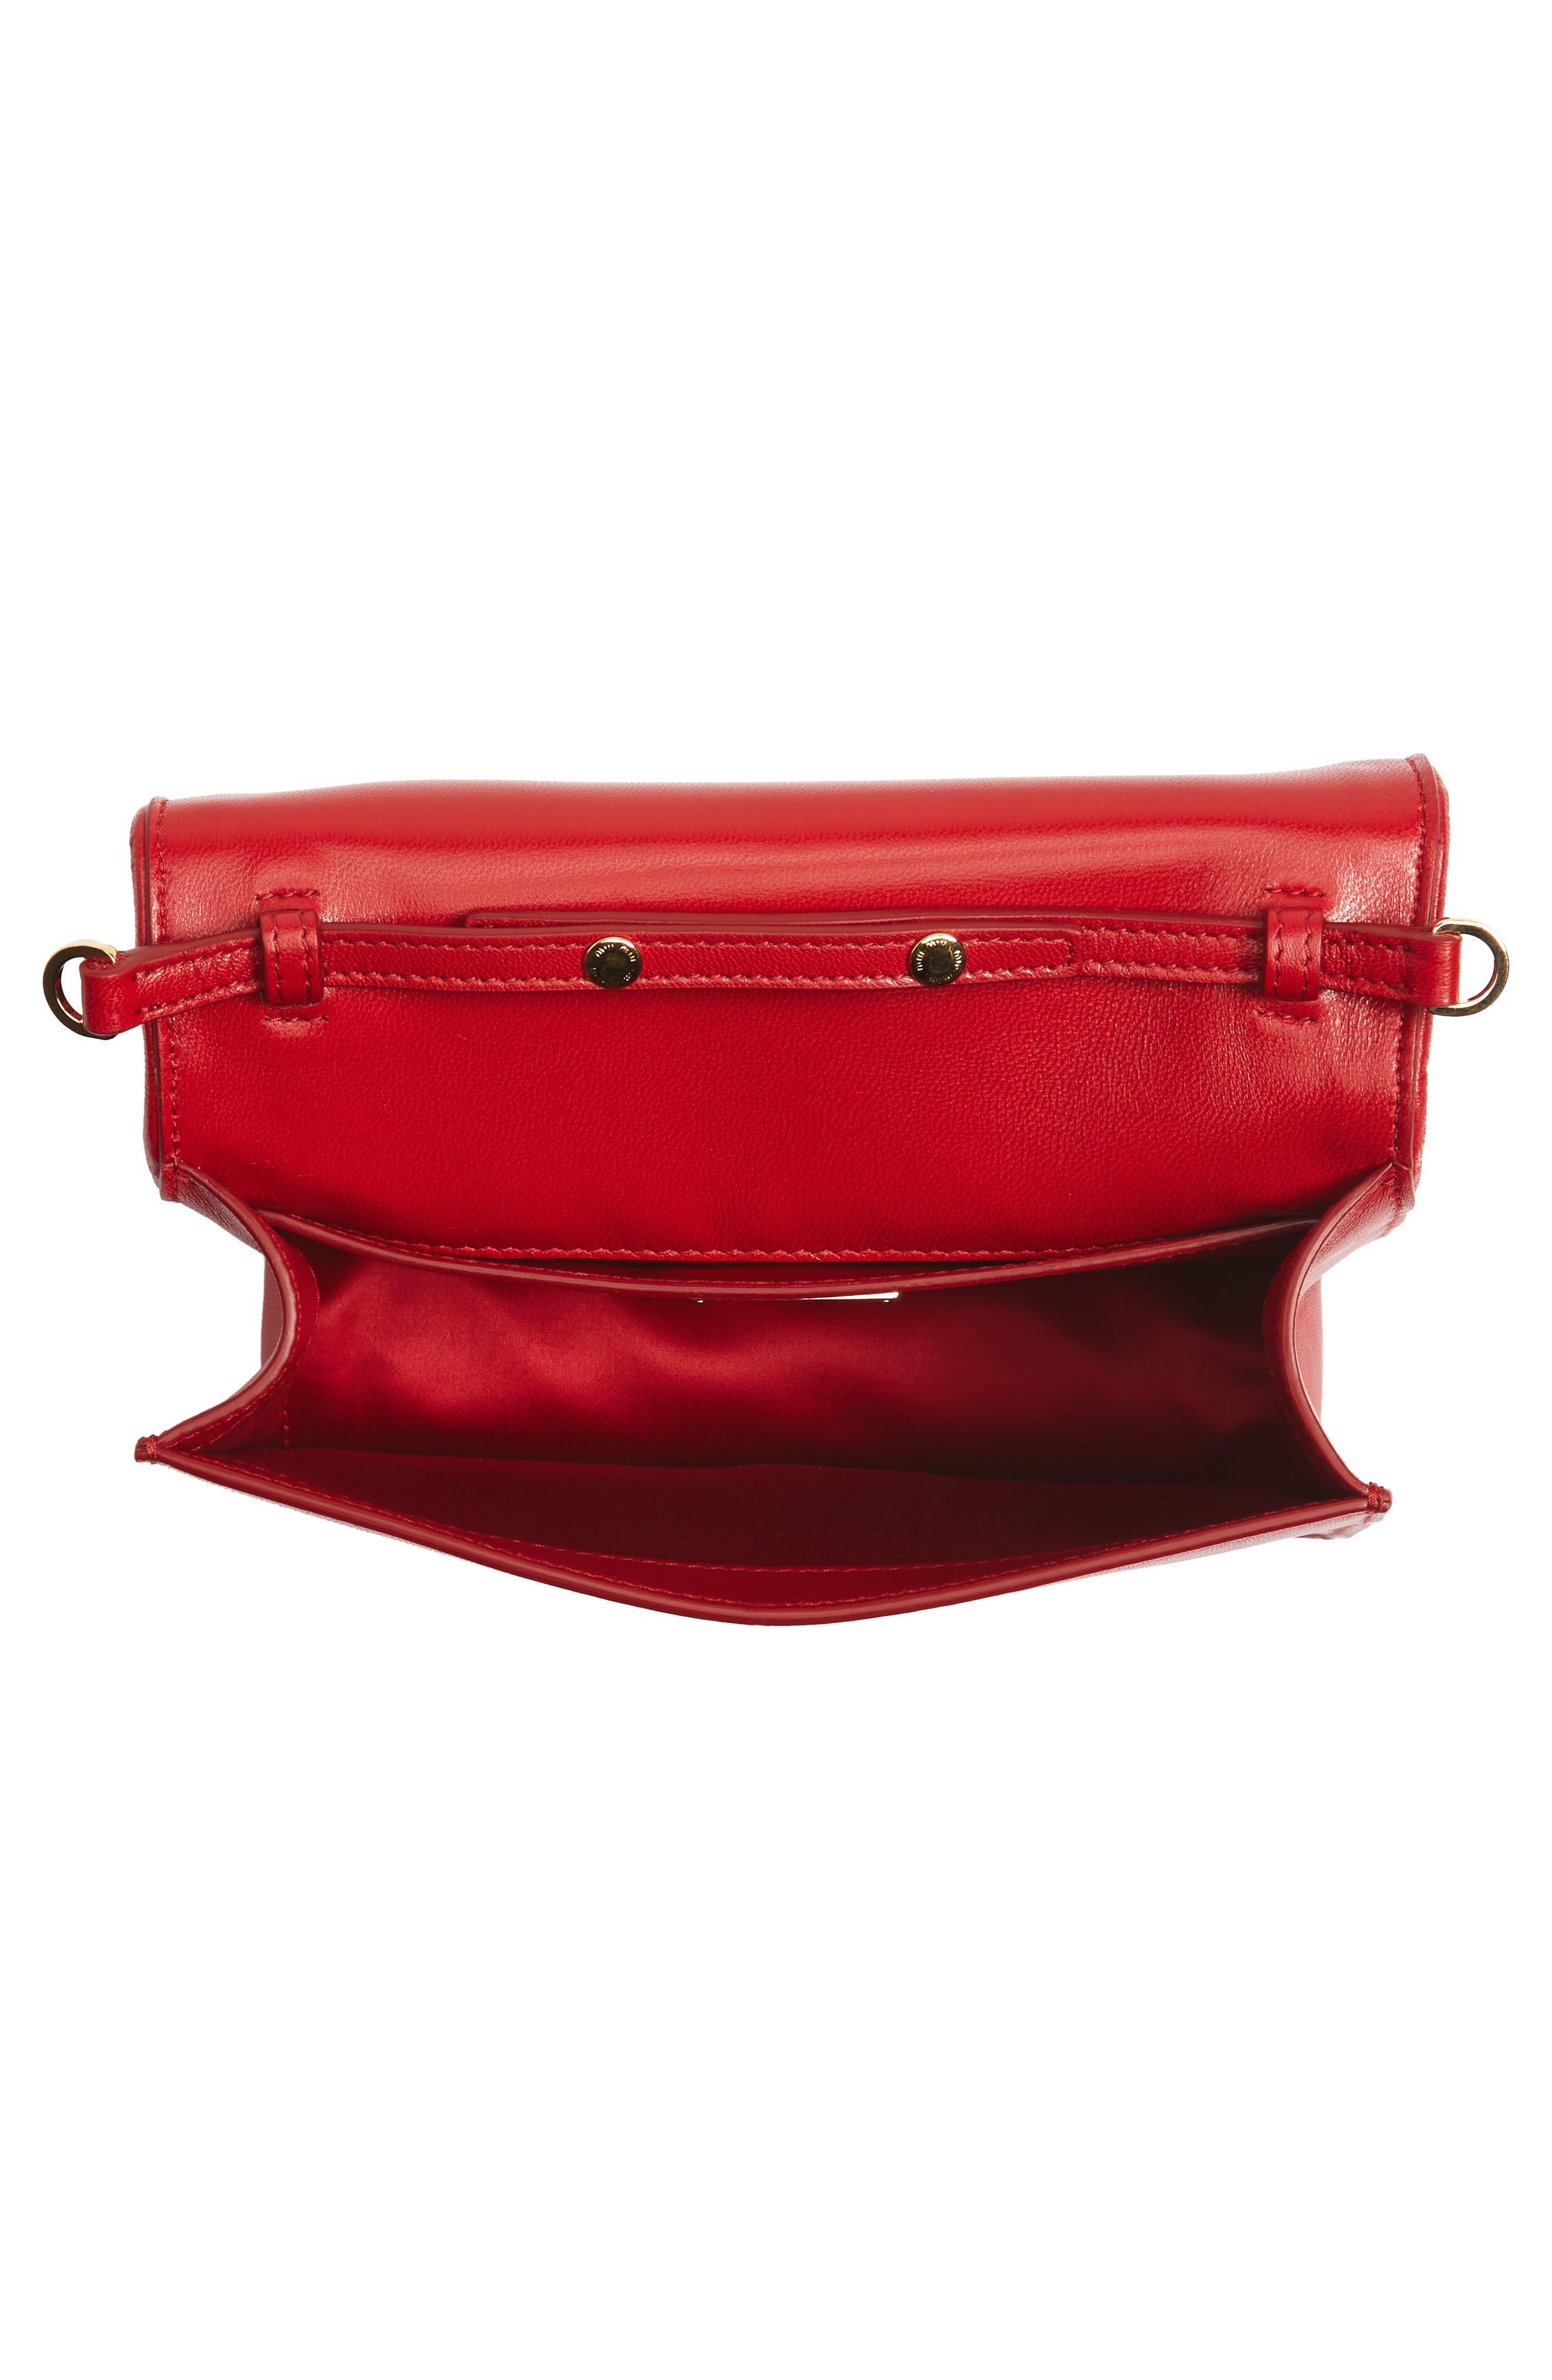 Matelassé Leather Shoulder Bag,                             Alternate thumbnail 4, color,                             Fuoco